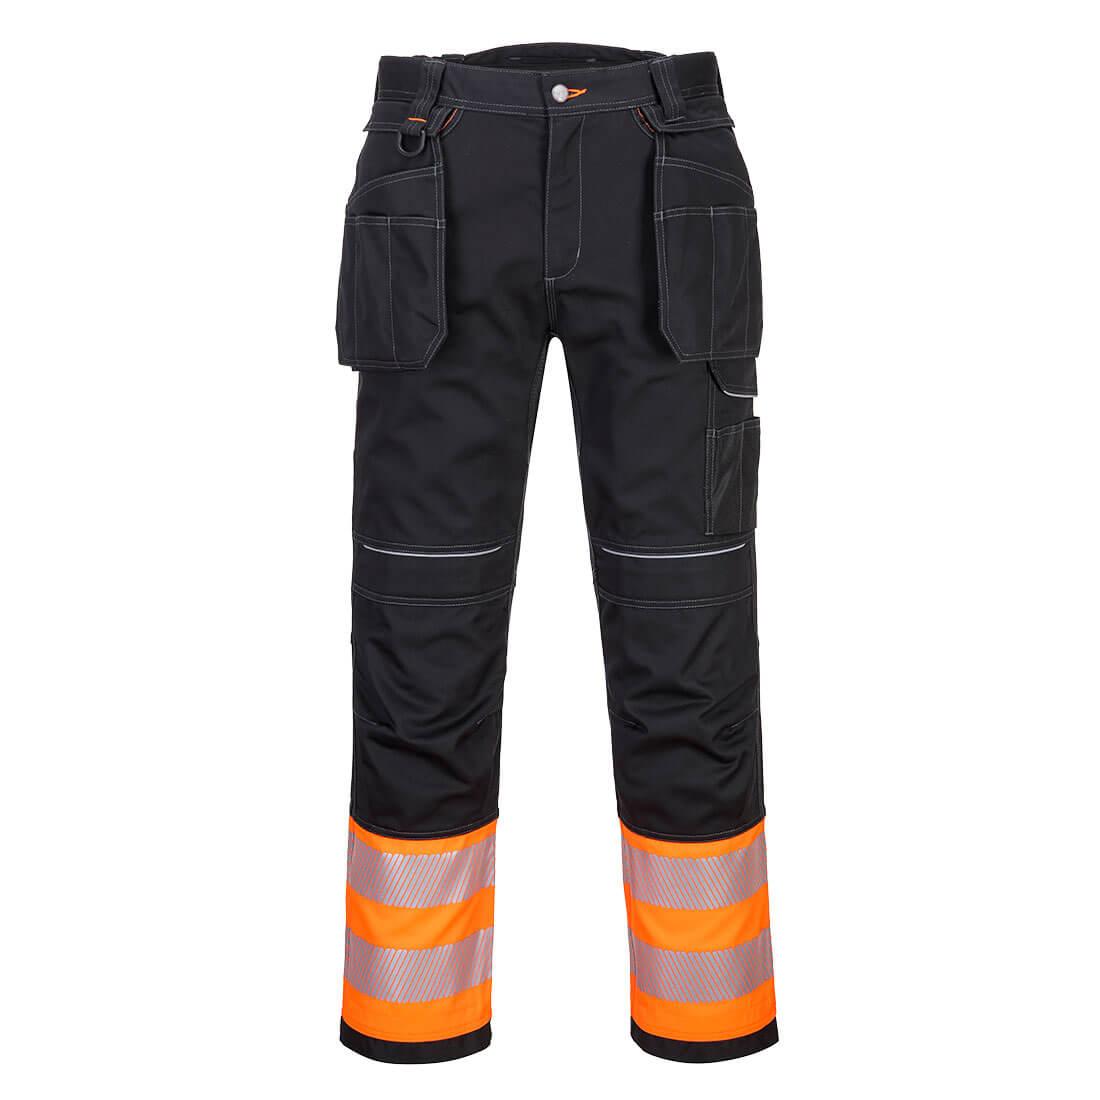 Portwest Hi-Vis Holster Trouser - Orange/Black